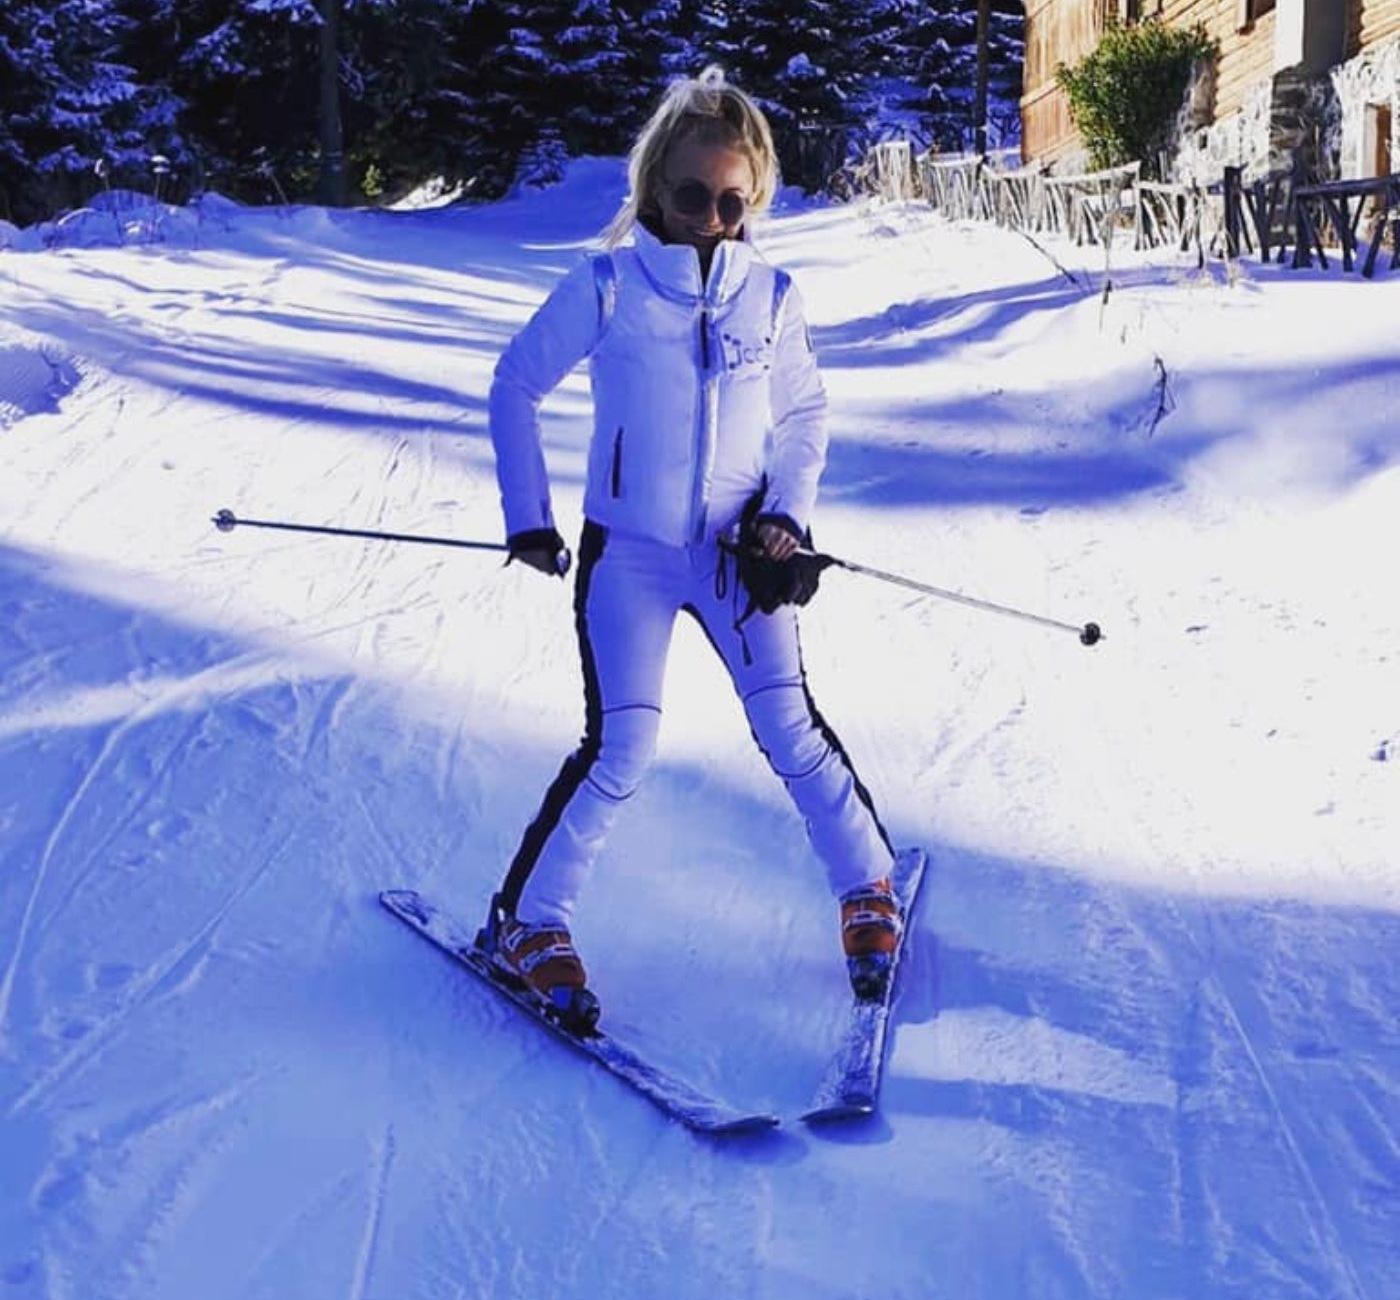 Юнона щурмува ски пистите в Боровец